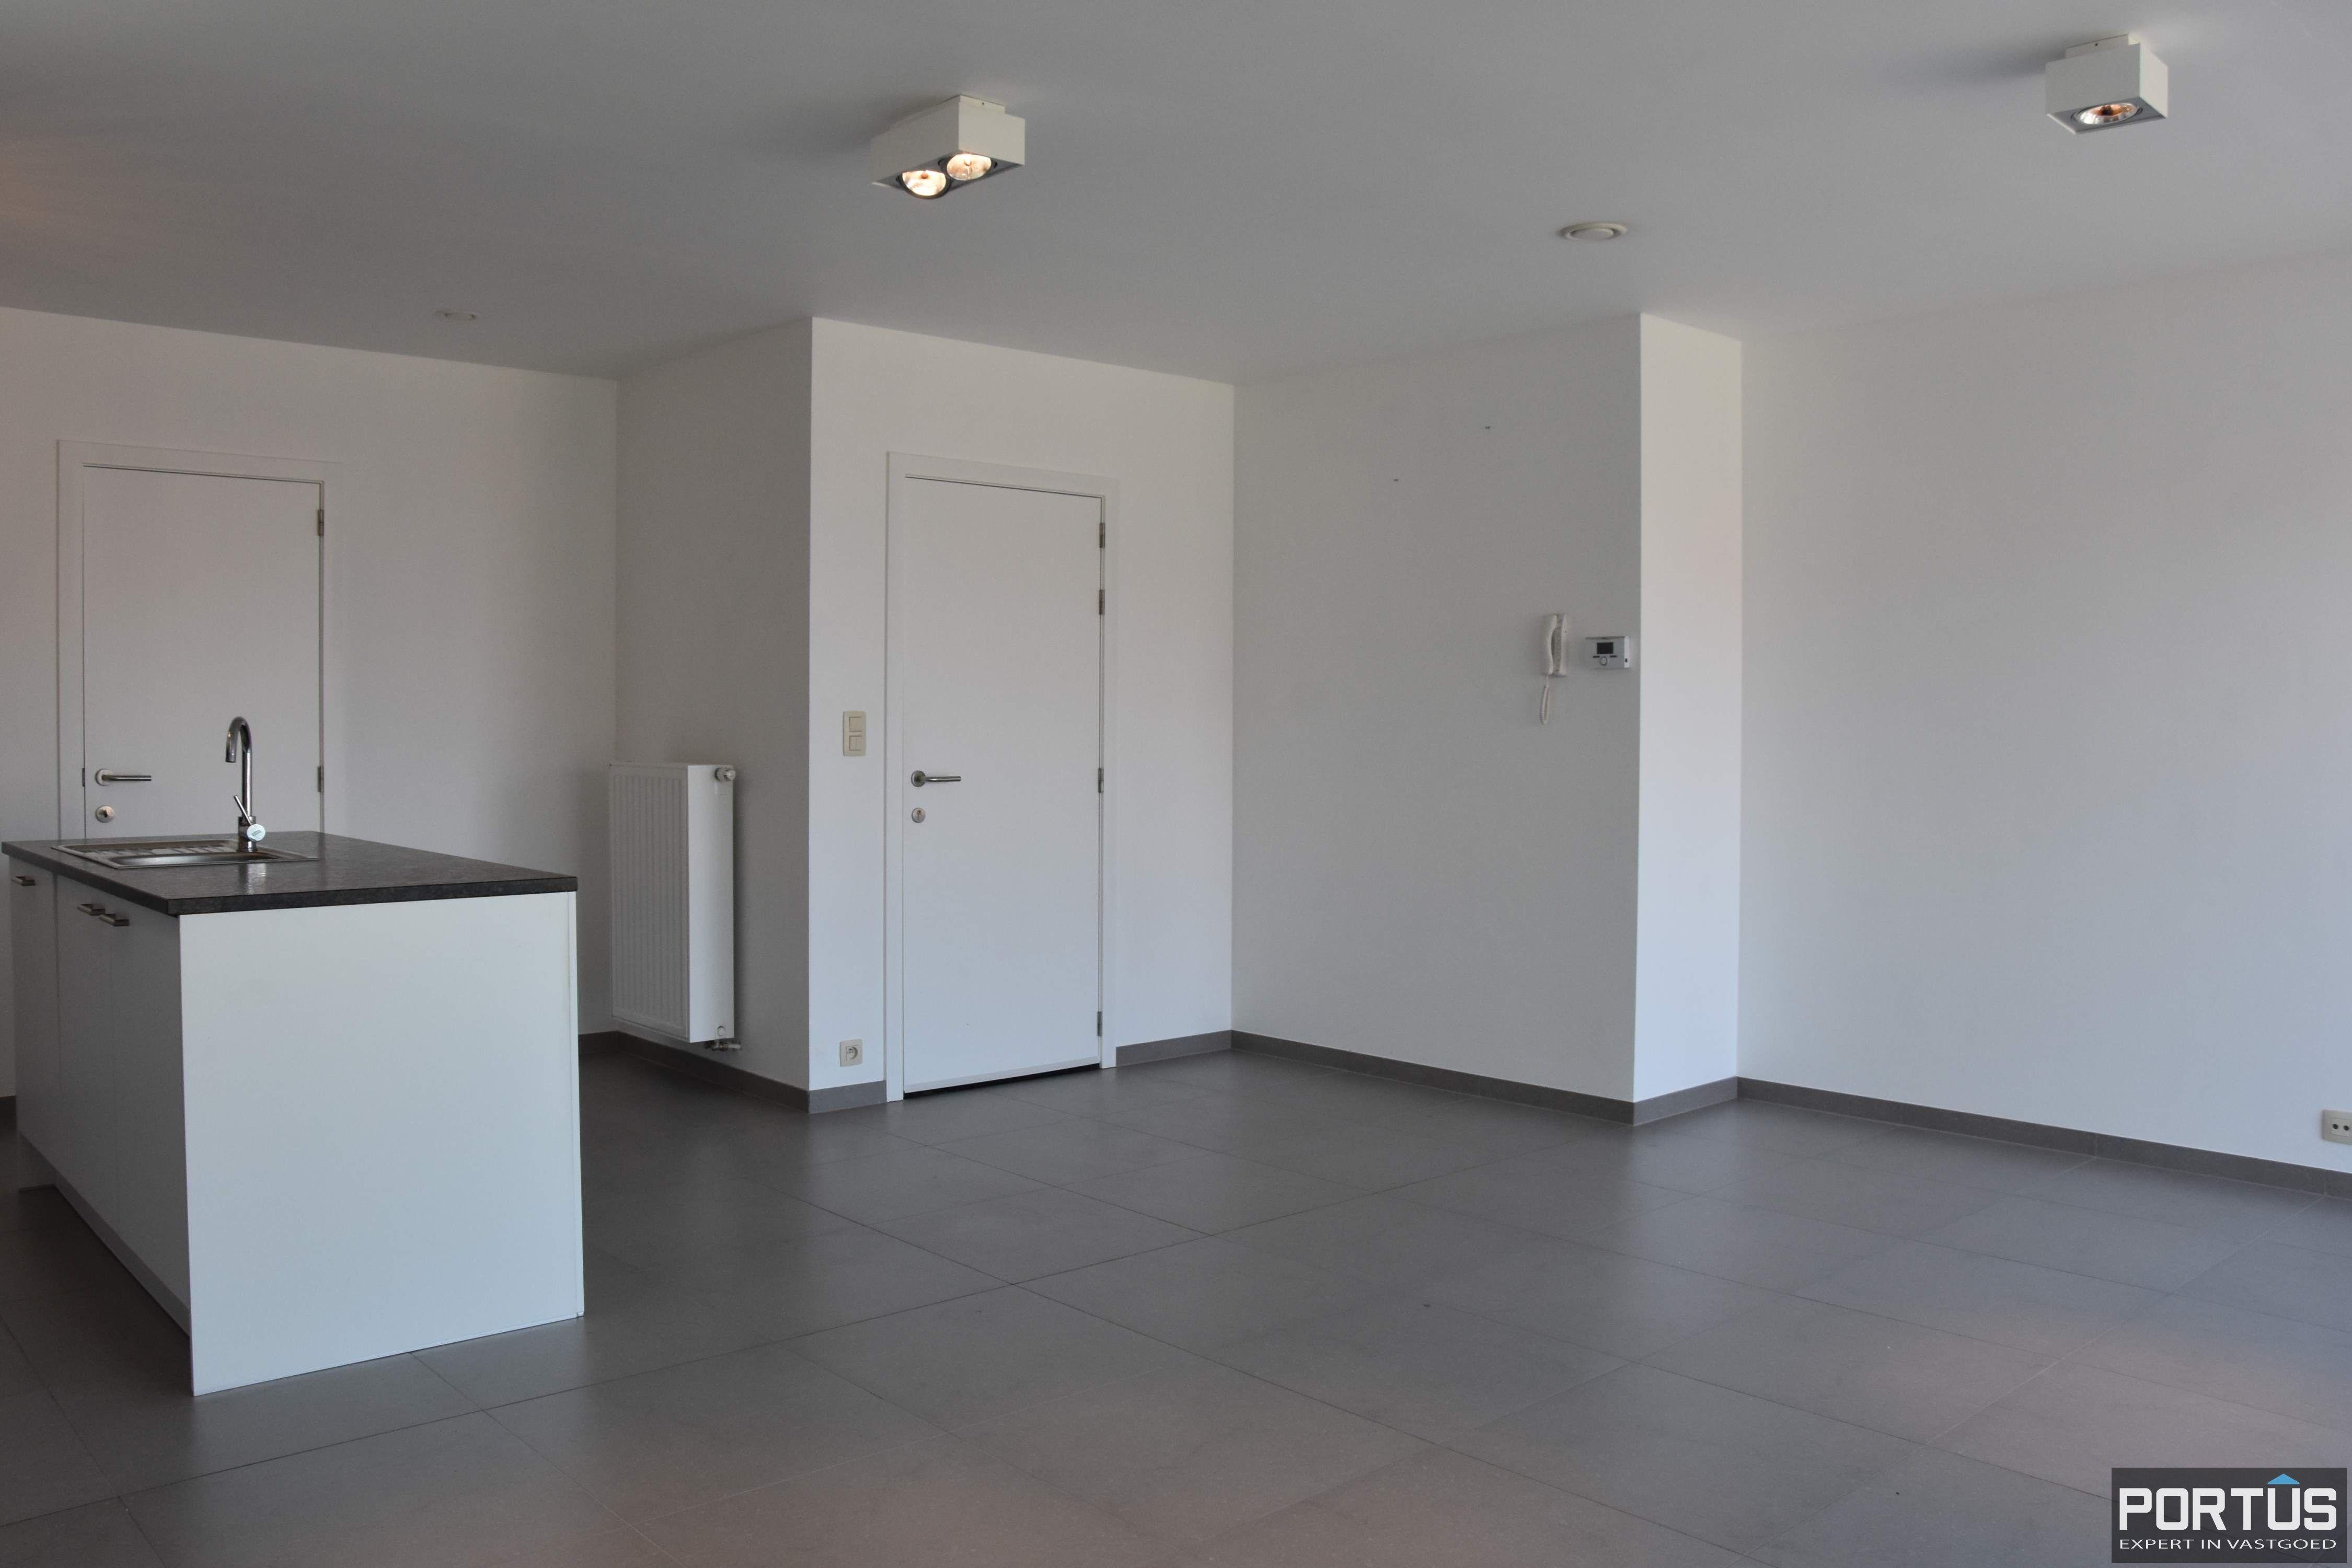 Recent appartement te huur met 3 slaapkamers, kelderberging en parking - 13796